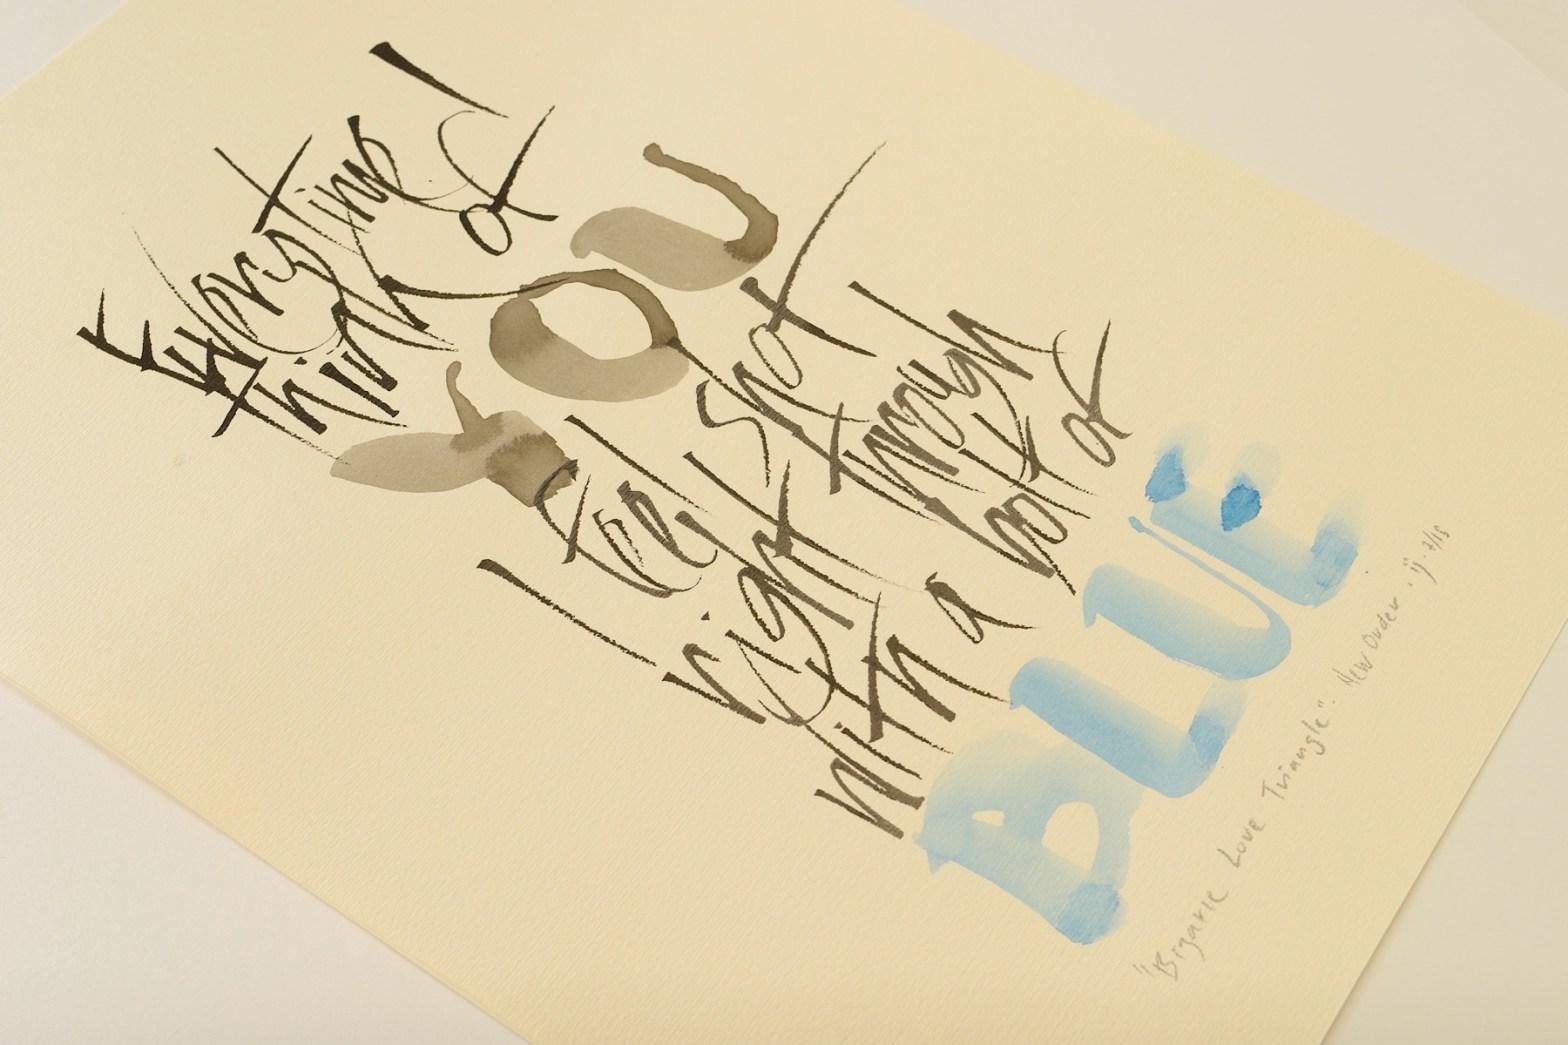 trabalho de caligrafia que mistura linhas escritas em nanquim com aquarela